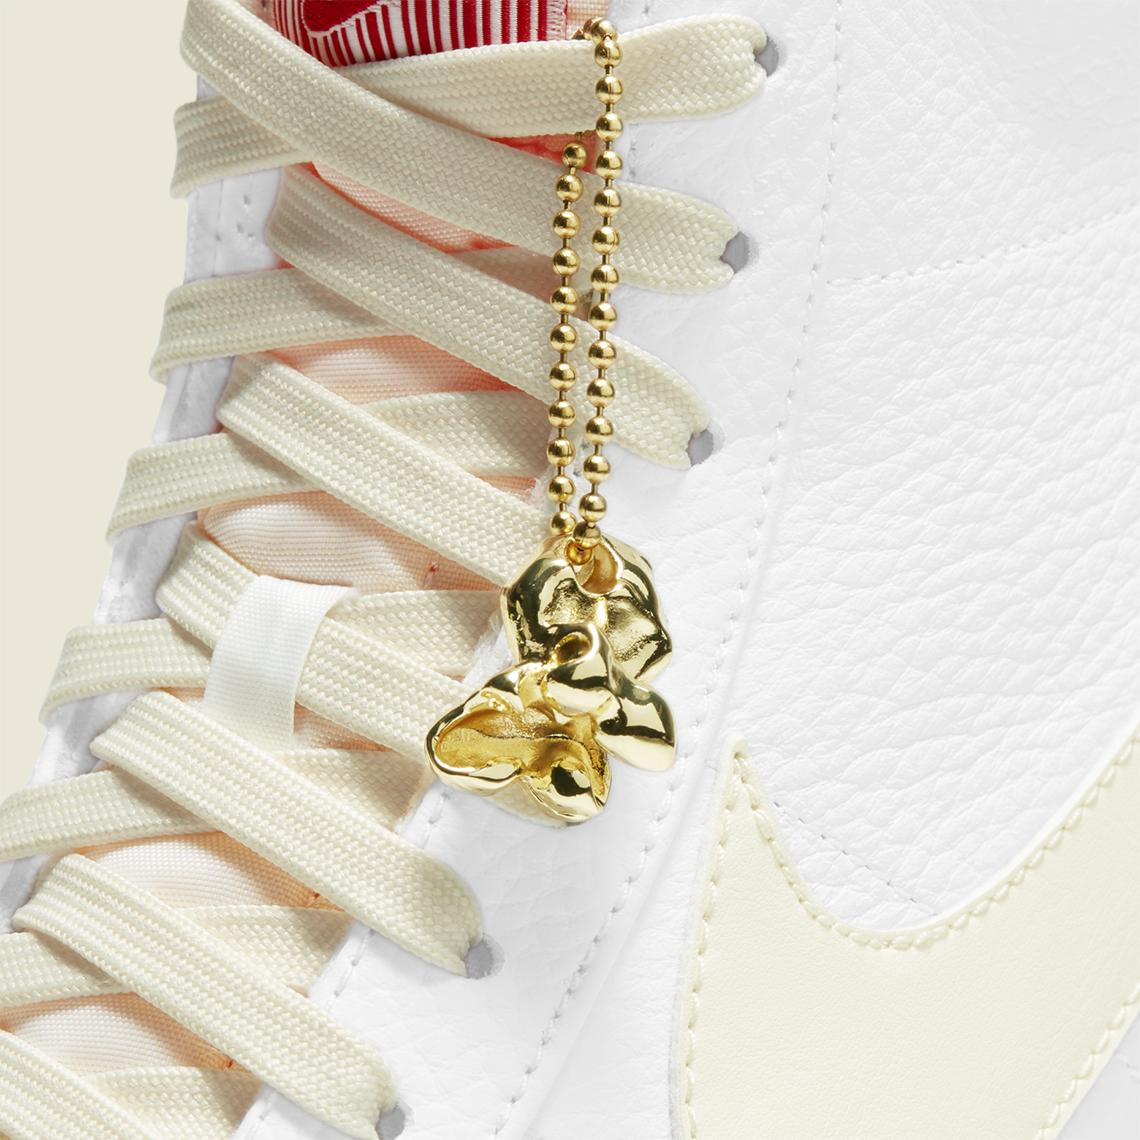 Nike-Blazer-Mid-77-Popcorn-CW6421-100-5.jpg?w=1140